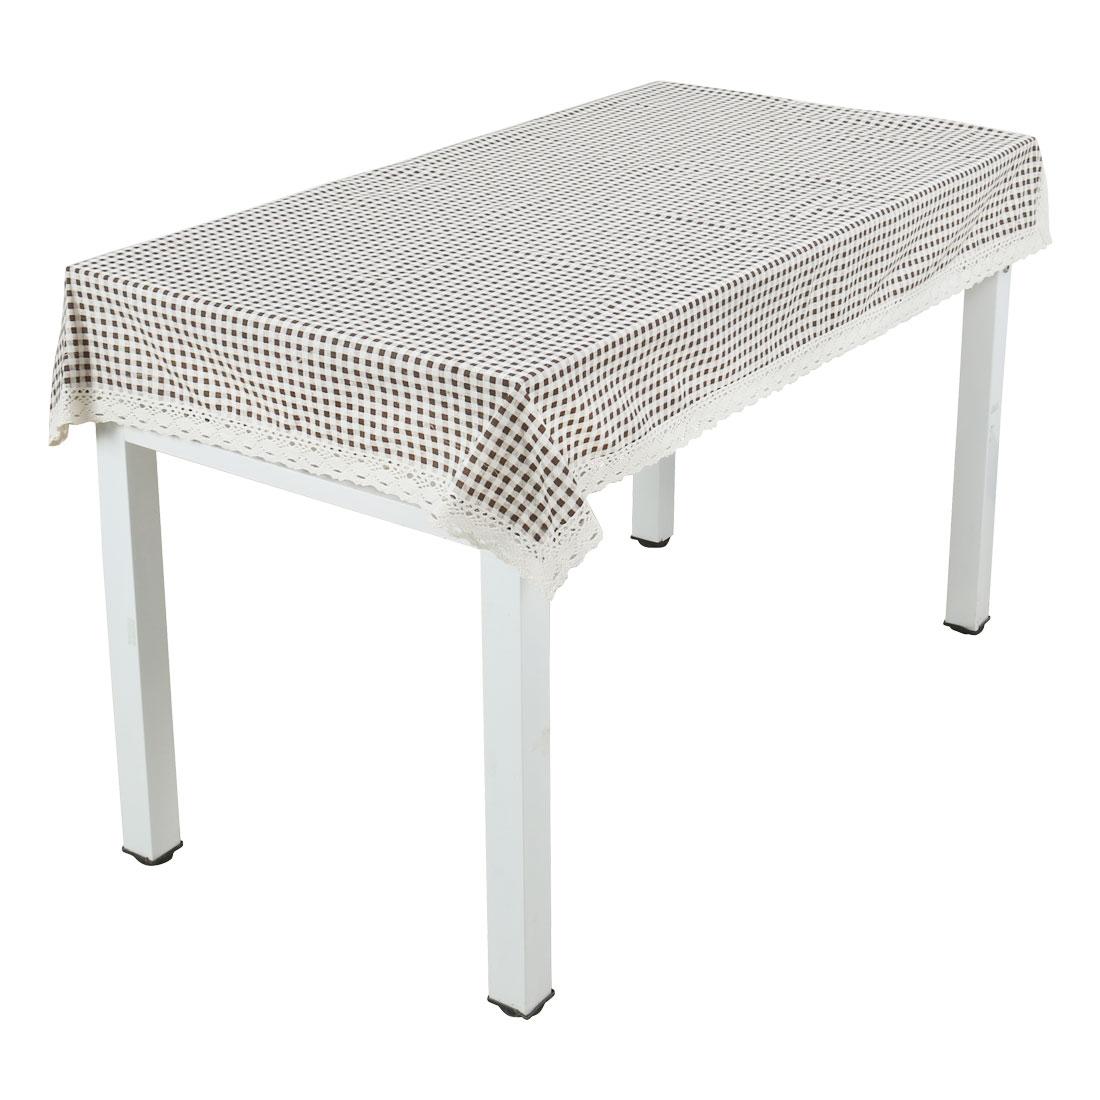 Vintage Coffee Color Plaid Tablecloth Cotton Linen Washable Table Cover 140 x 140cm